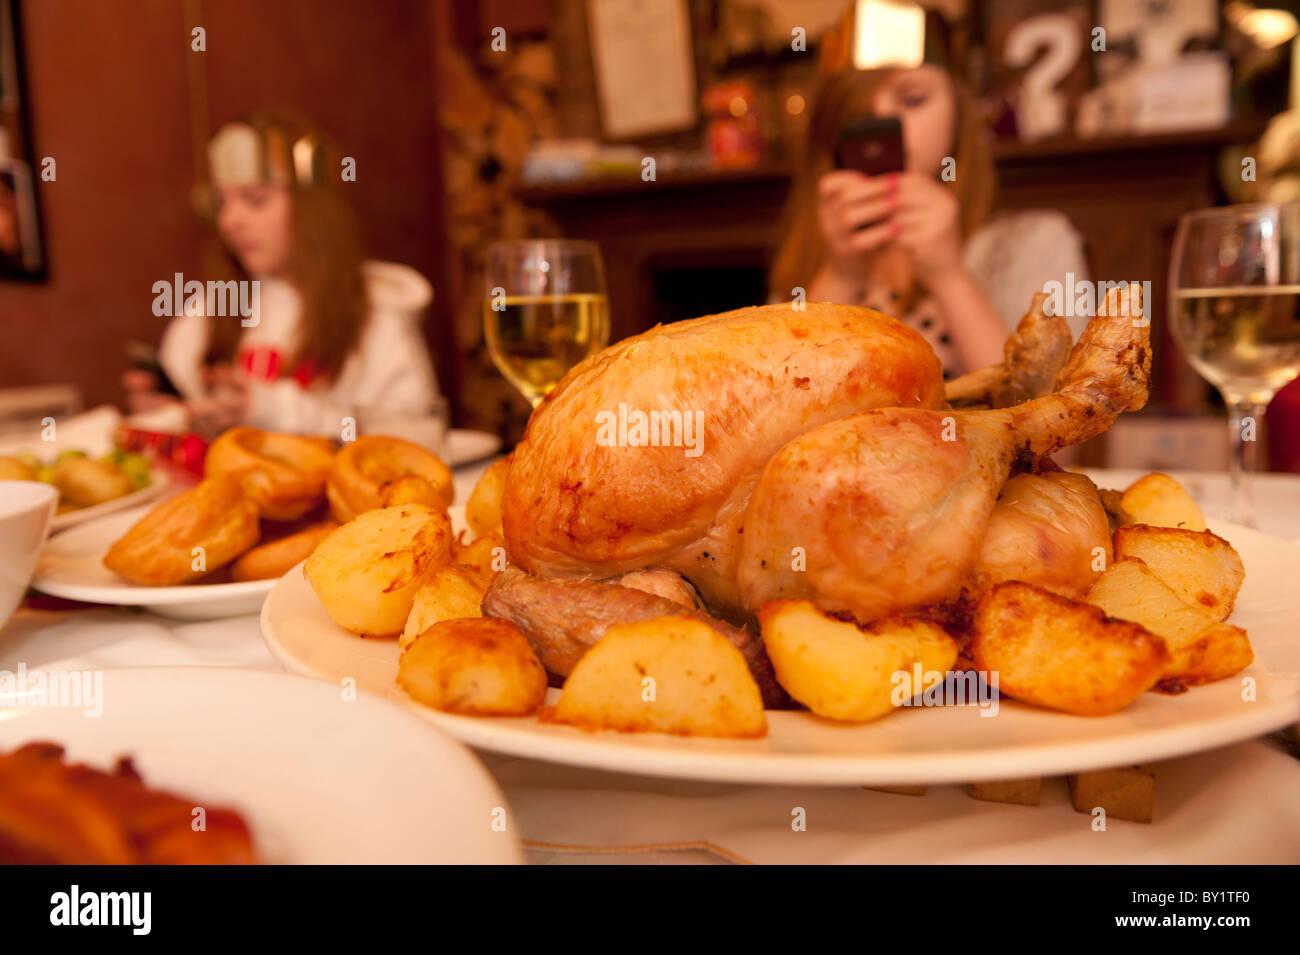 Family Dinner Uk Stock Photos & Family Dinner Uk Stock Images - Alamy